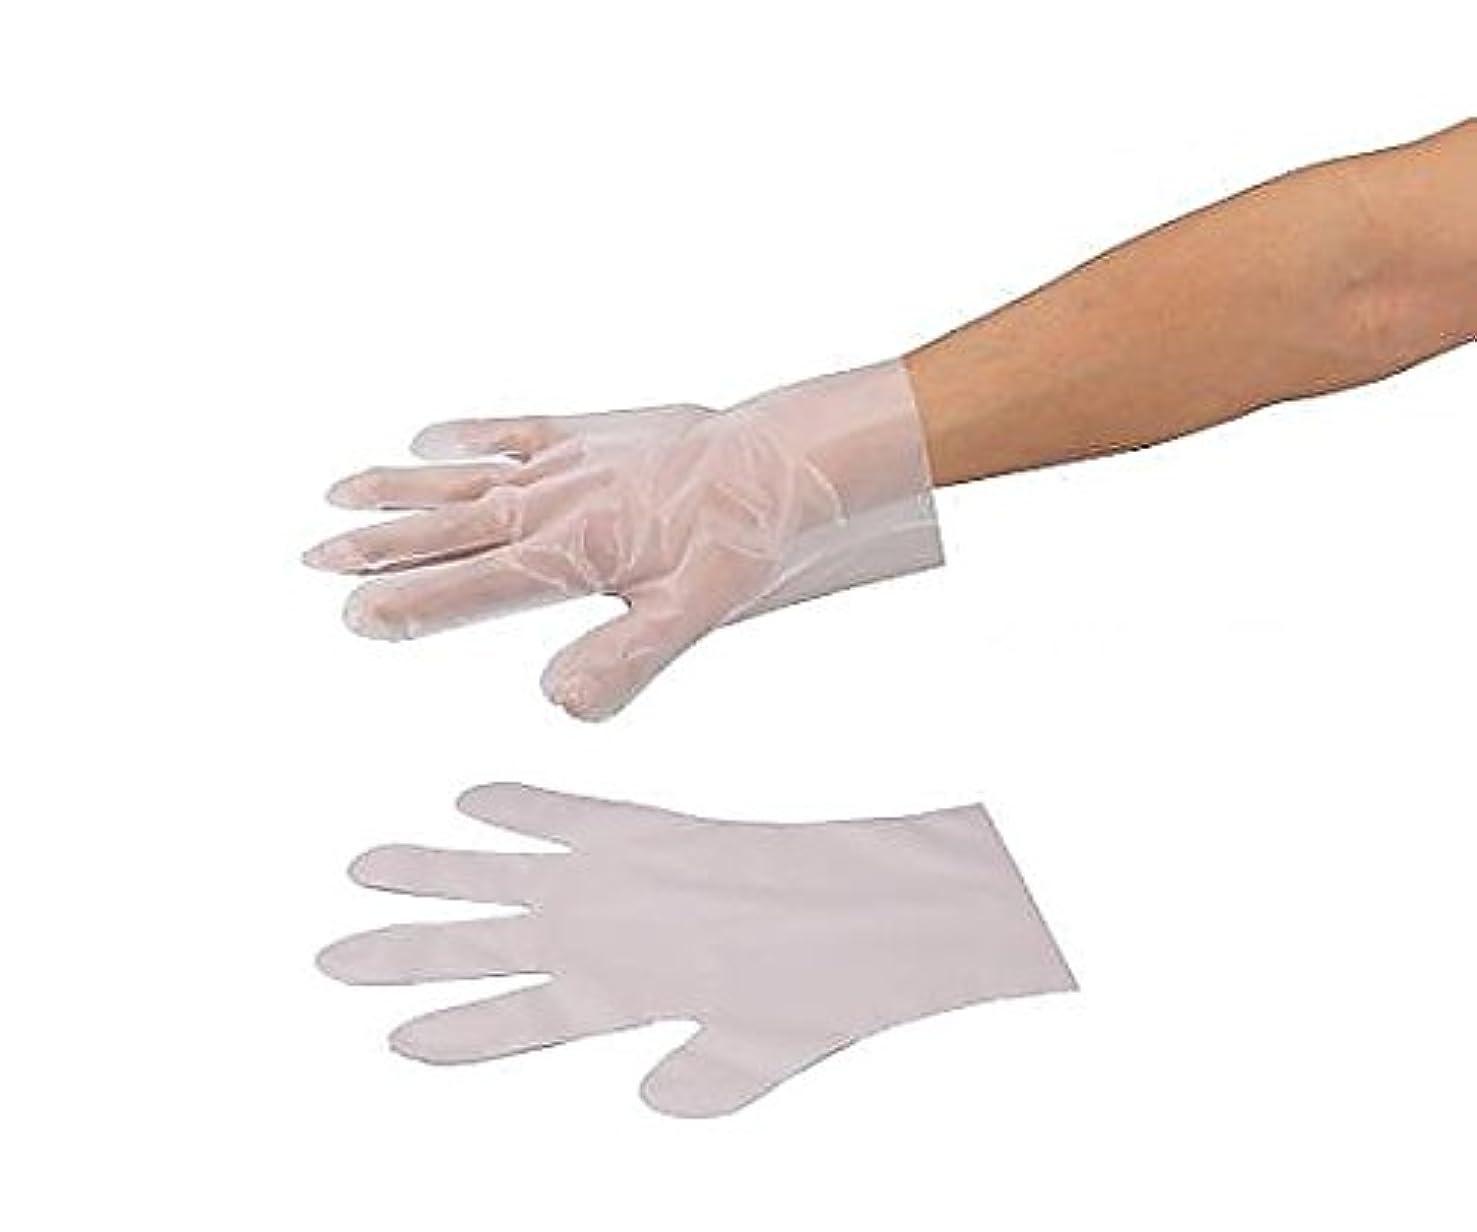 複製するしたがって立派なアズワン9-889-01ラボランサニメント手袋(PE?厚手タイプ)エンボス付L10箱+1箱